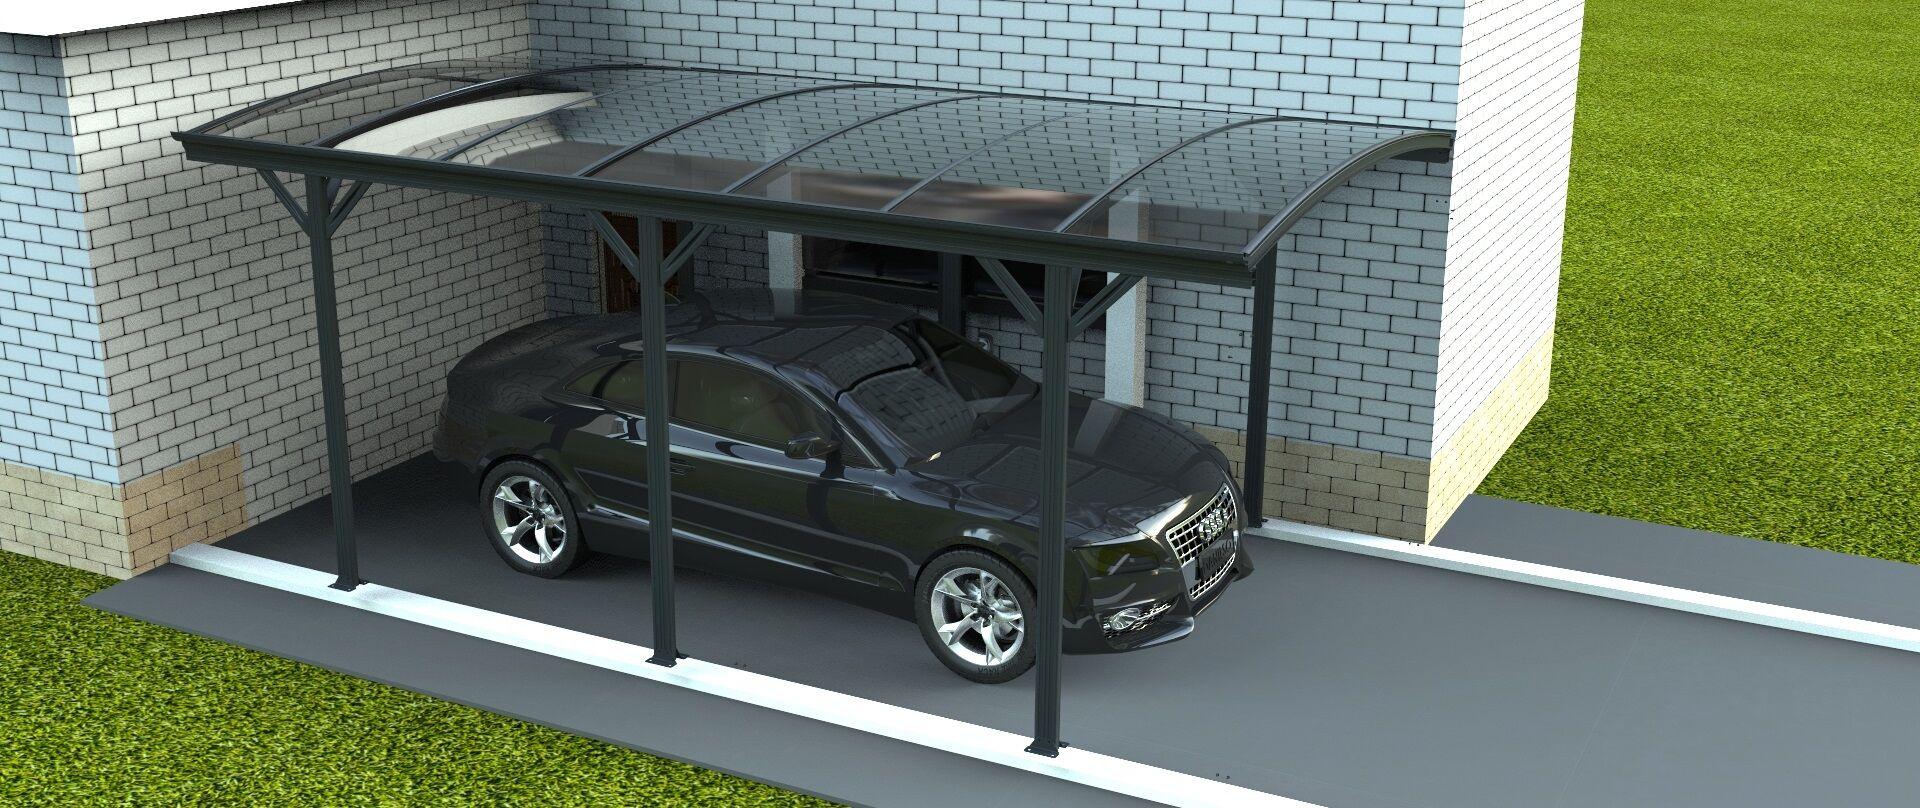 carport en aluminium 15m2, abri voiture 5x3 m anthracite